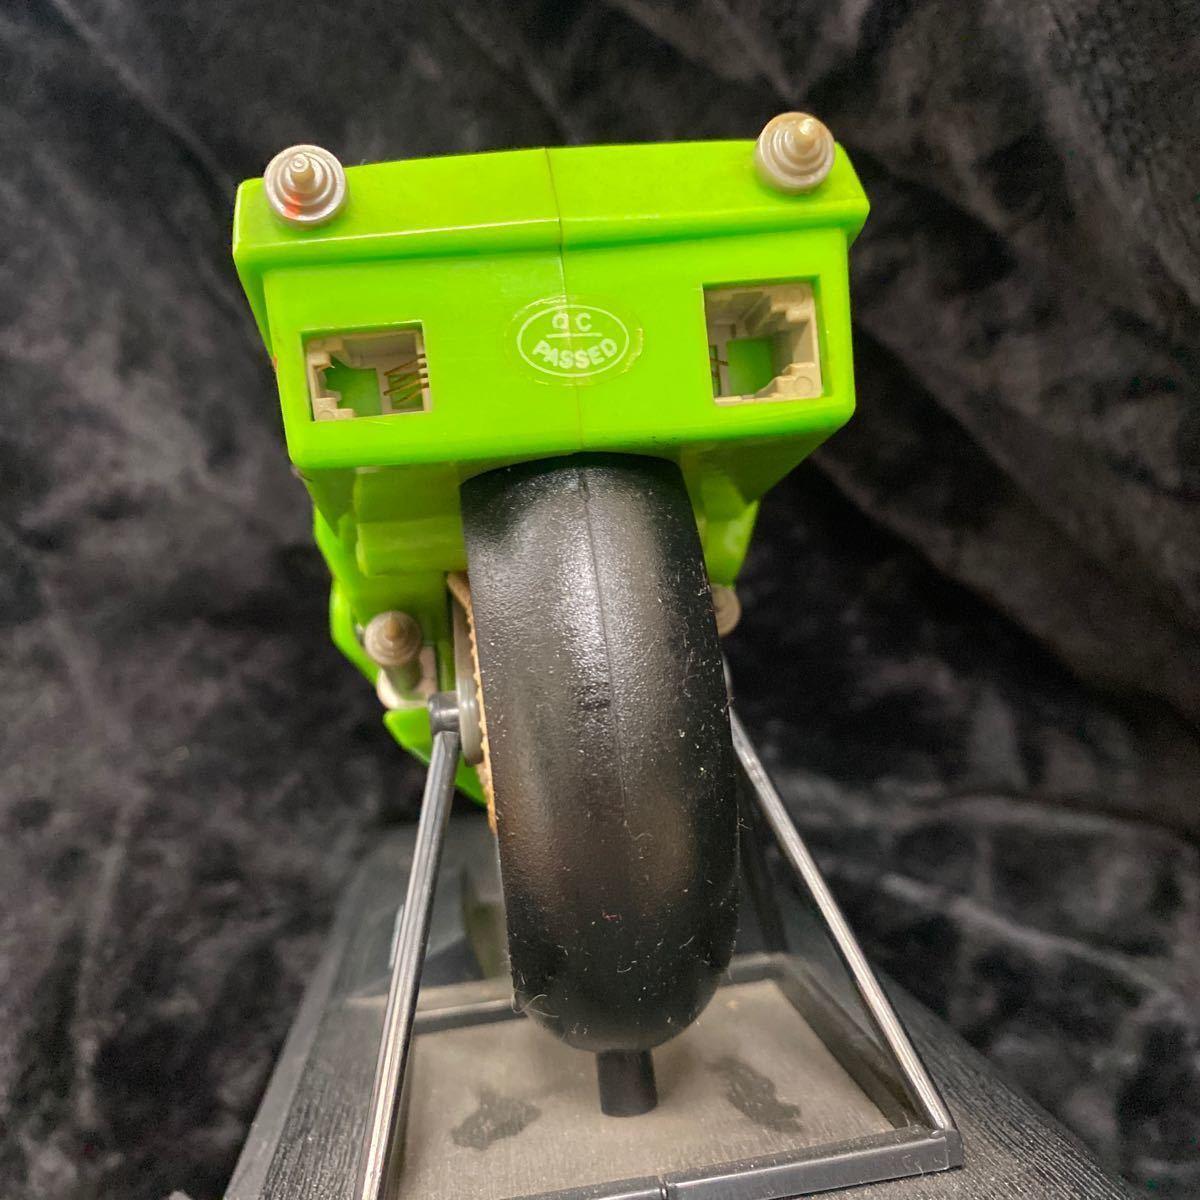 【現状渡し】Kawasaki YE-500 バイク型固定電話 ユピテル工業株式会社 レトロ コレクション品 カワサキ バイク アンティーク 電話機電話器_画像3